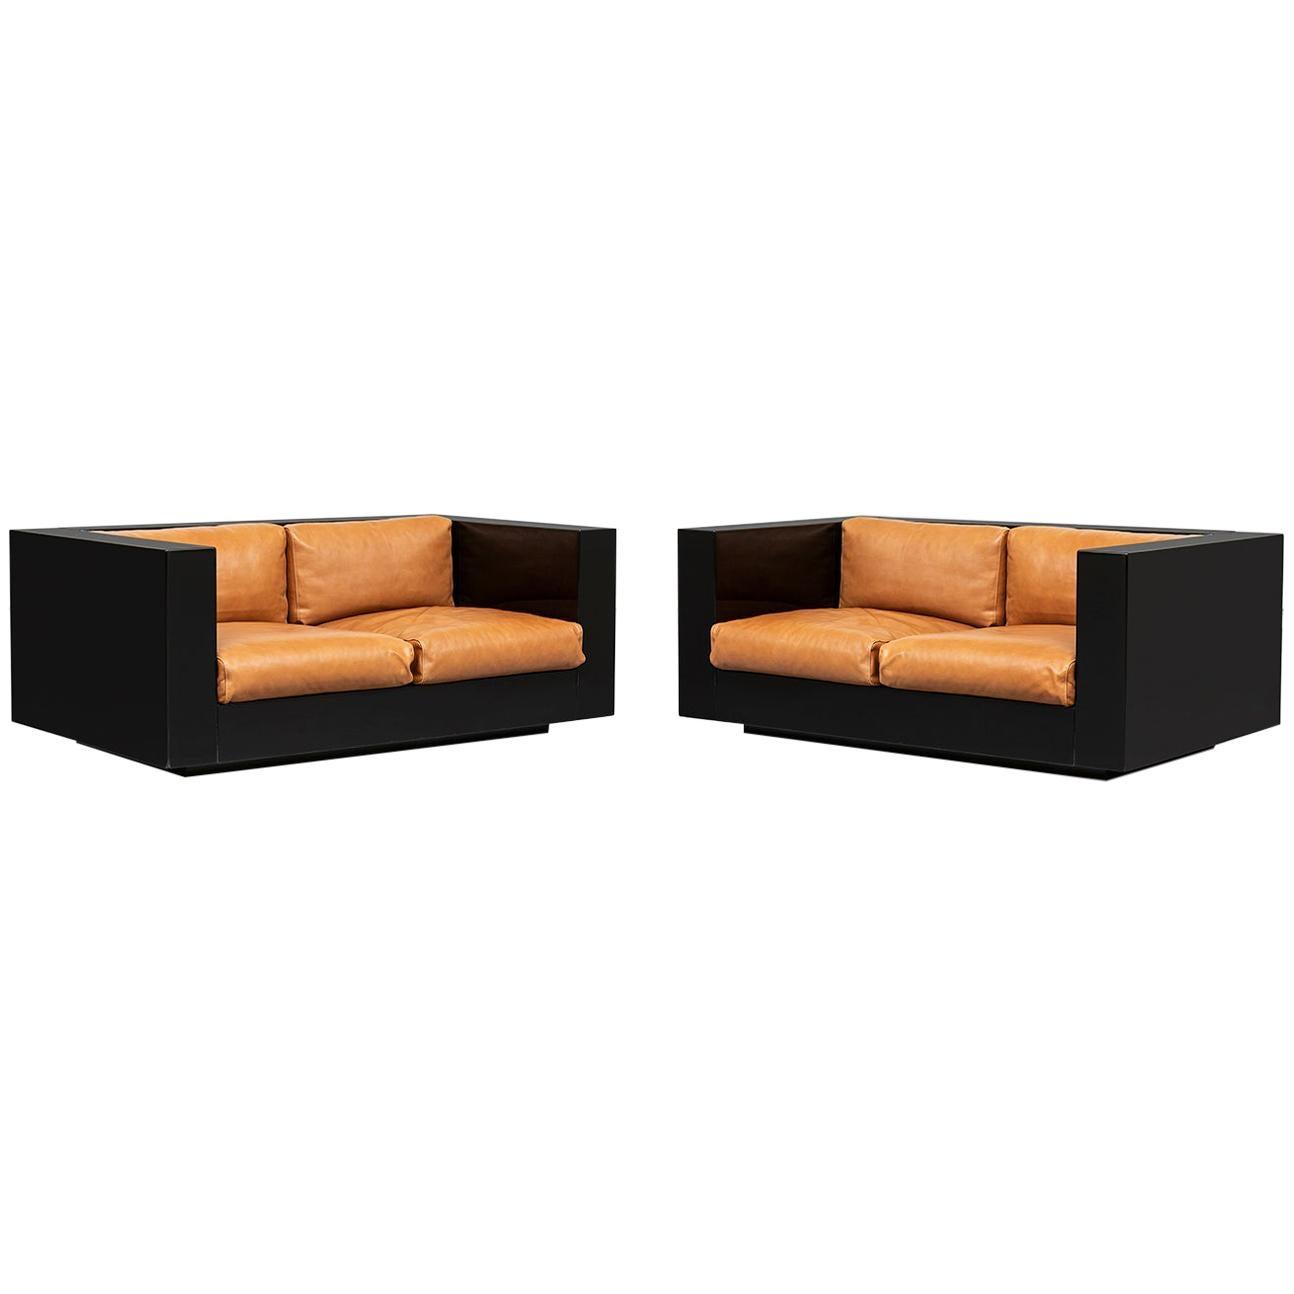 Italian Two-Seater Saratoga Sofas, by Vignelli Associates for Poltronova, 1964